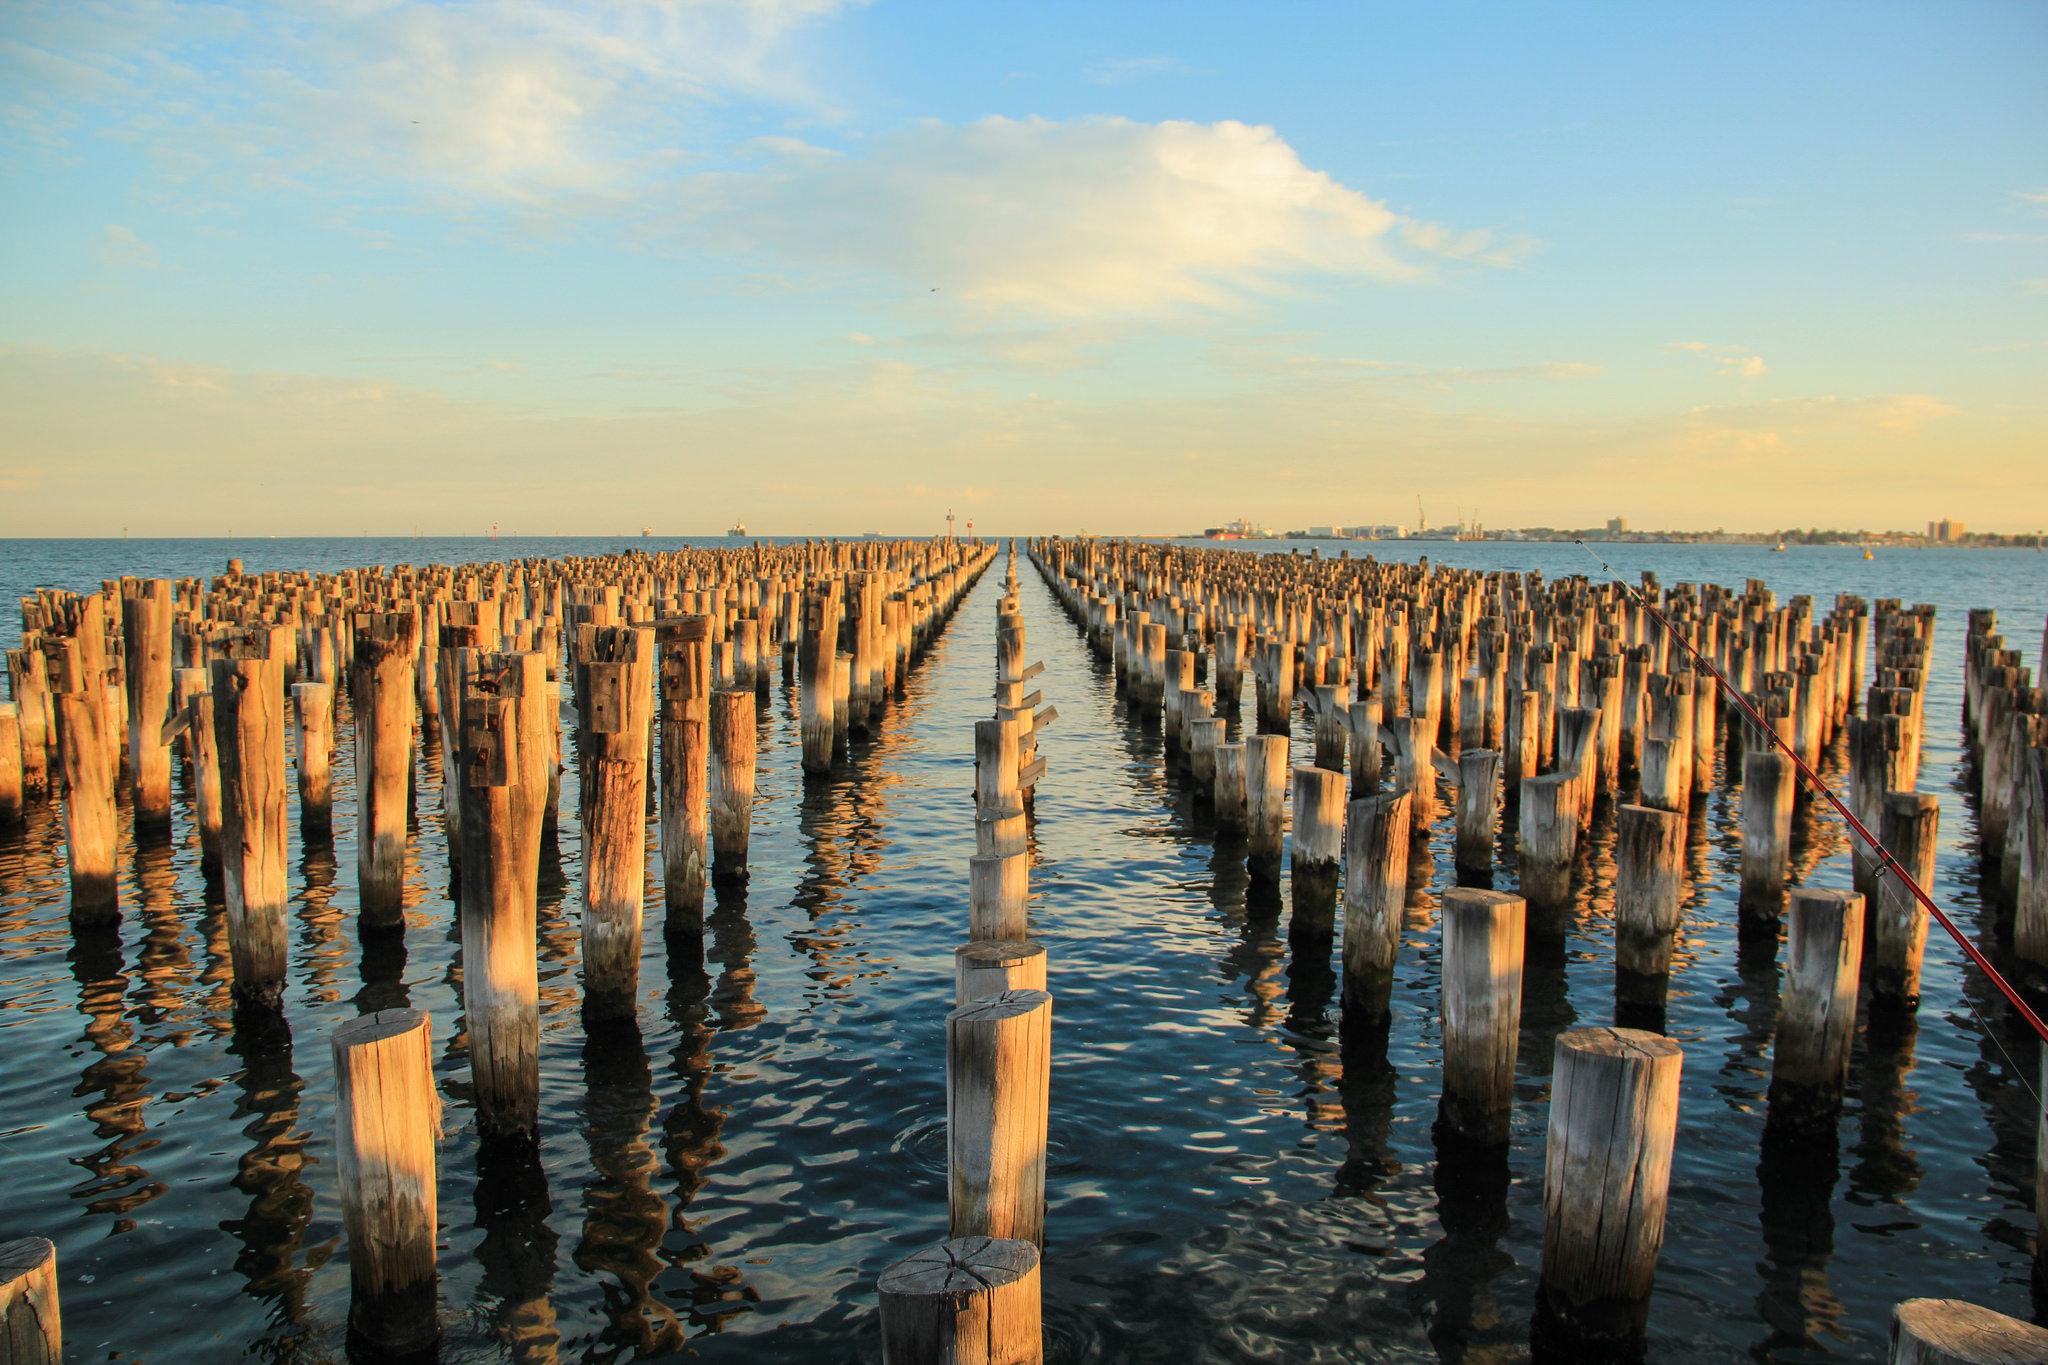 palanques de madeira na água